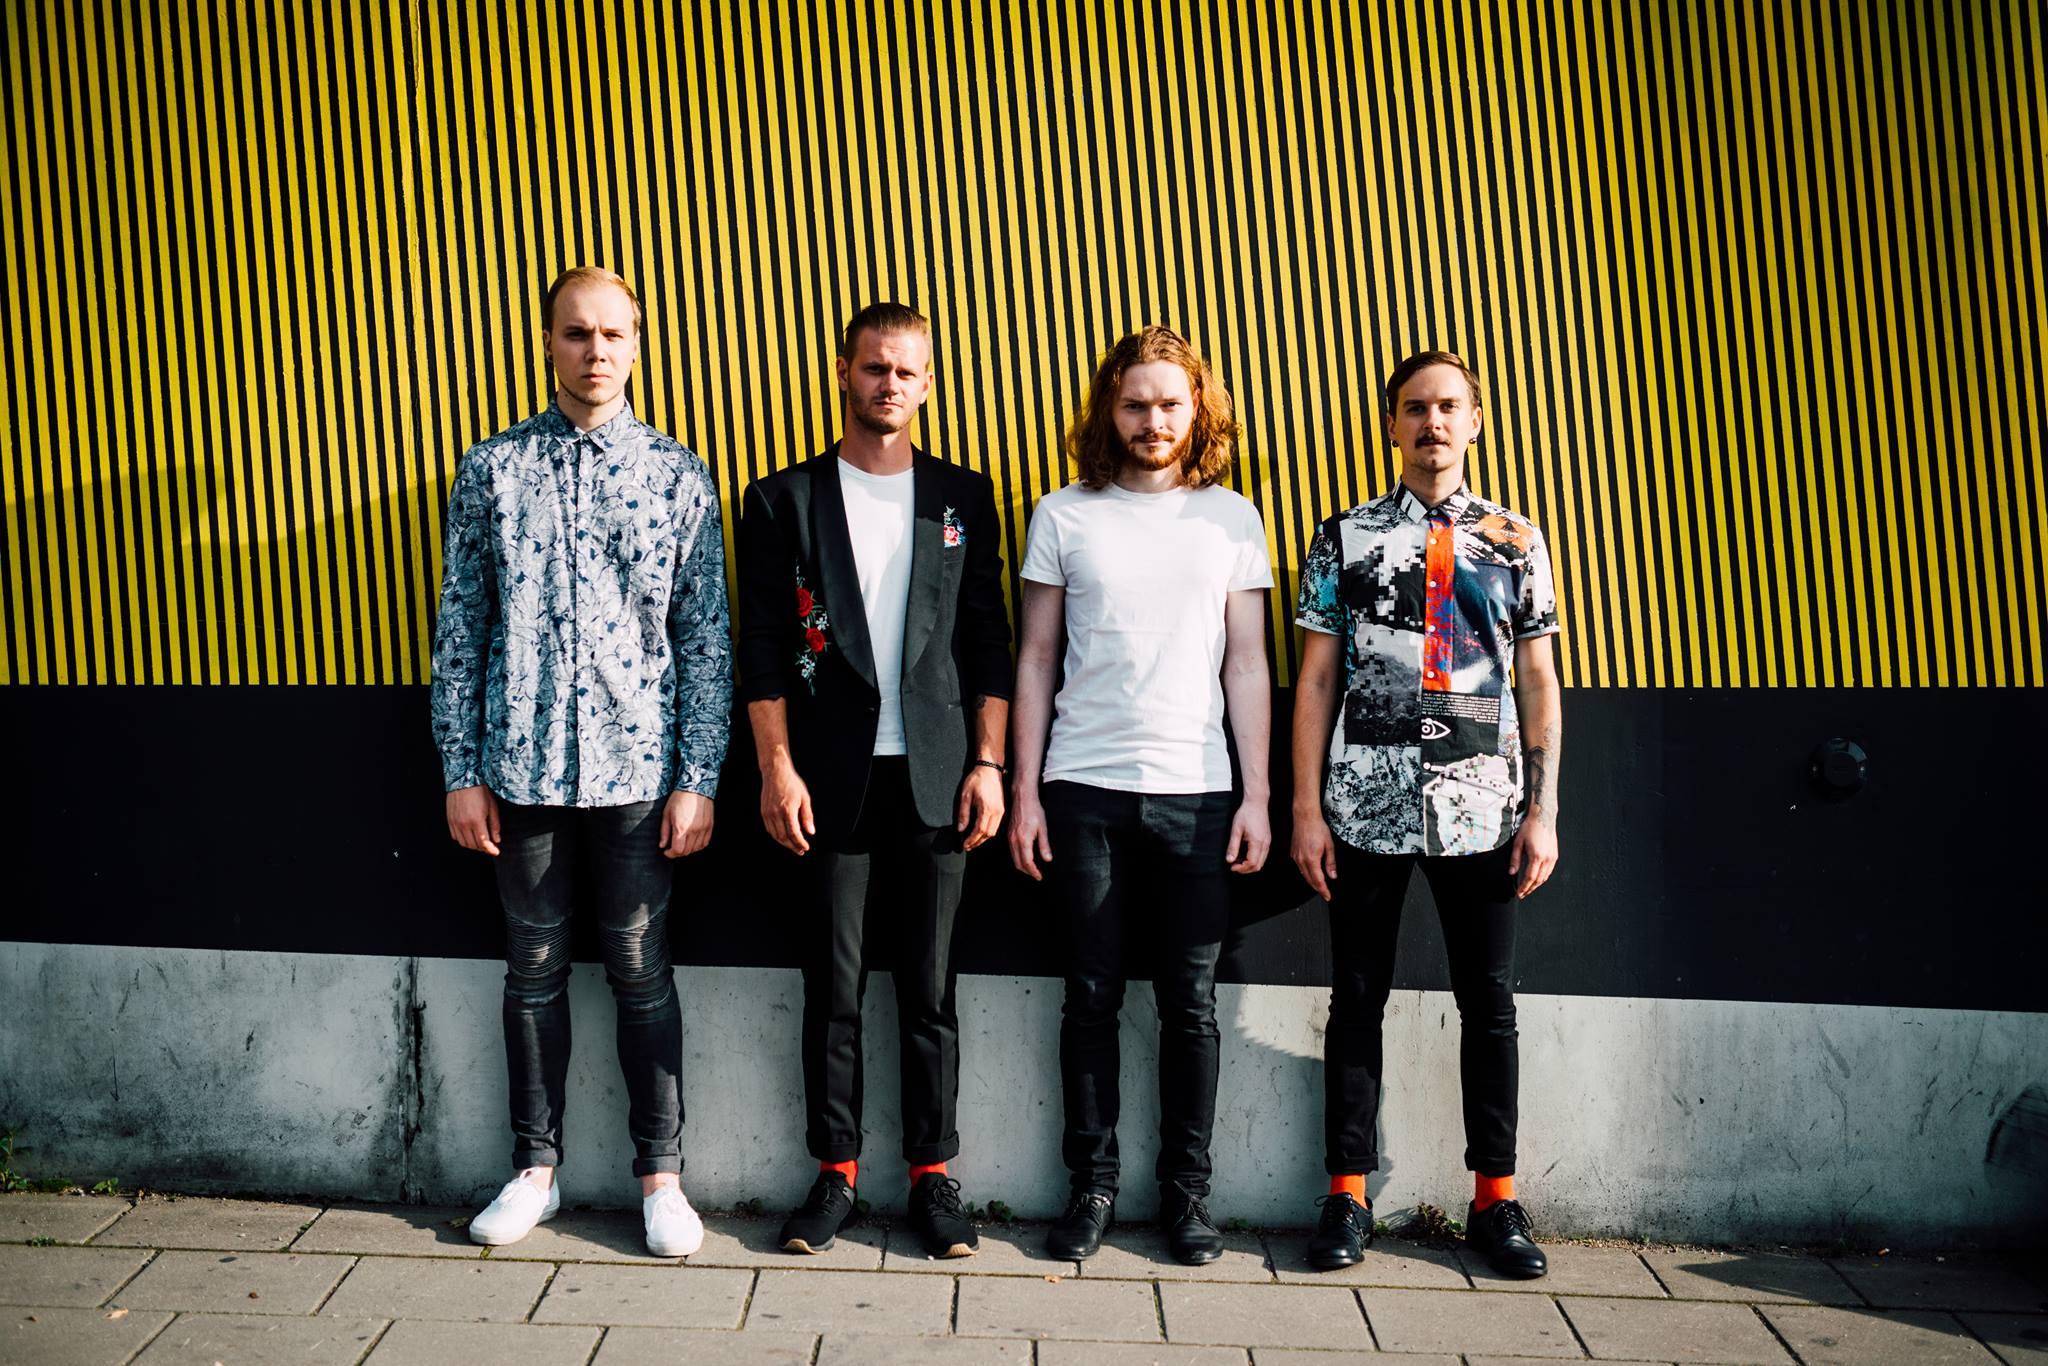 Deeper Upper pristato naują dainą ir praneša apie pokyčius grupės sudėtyje